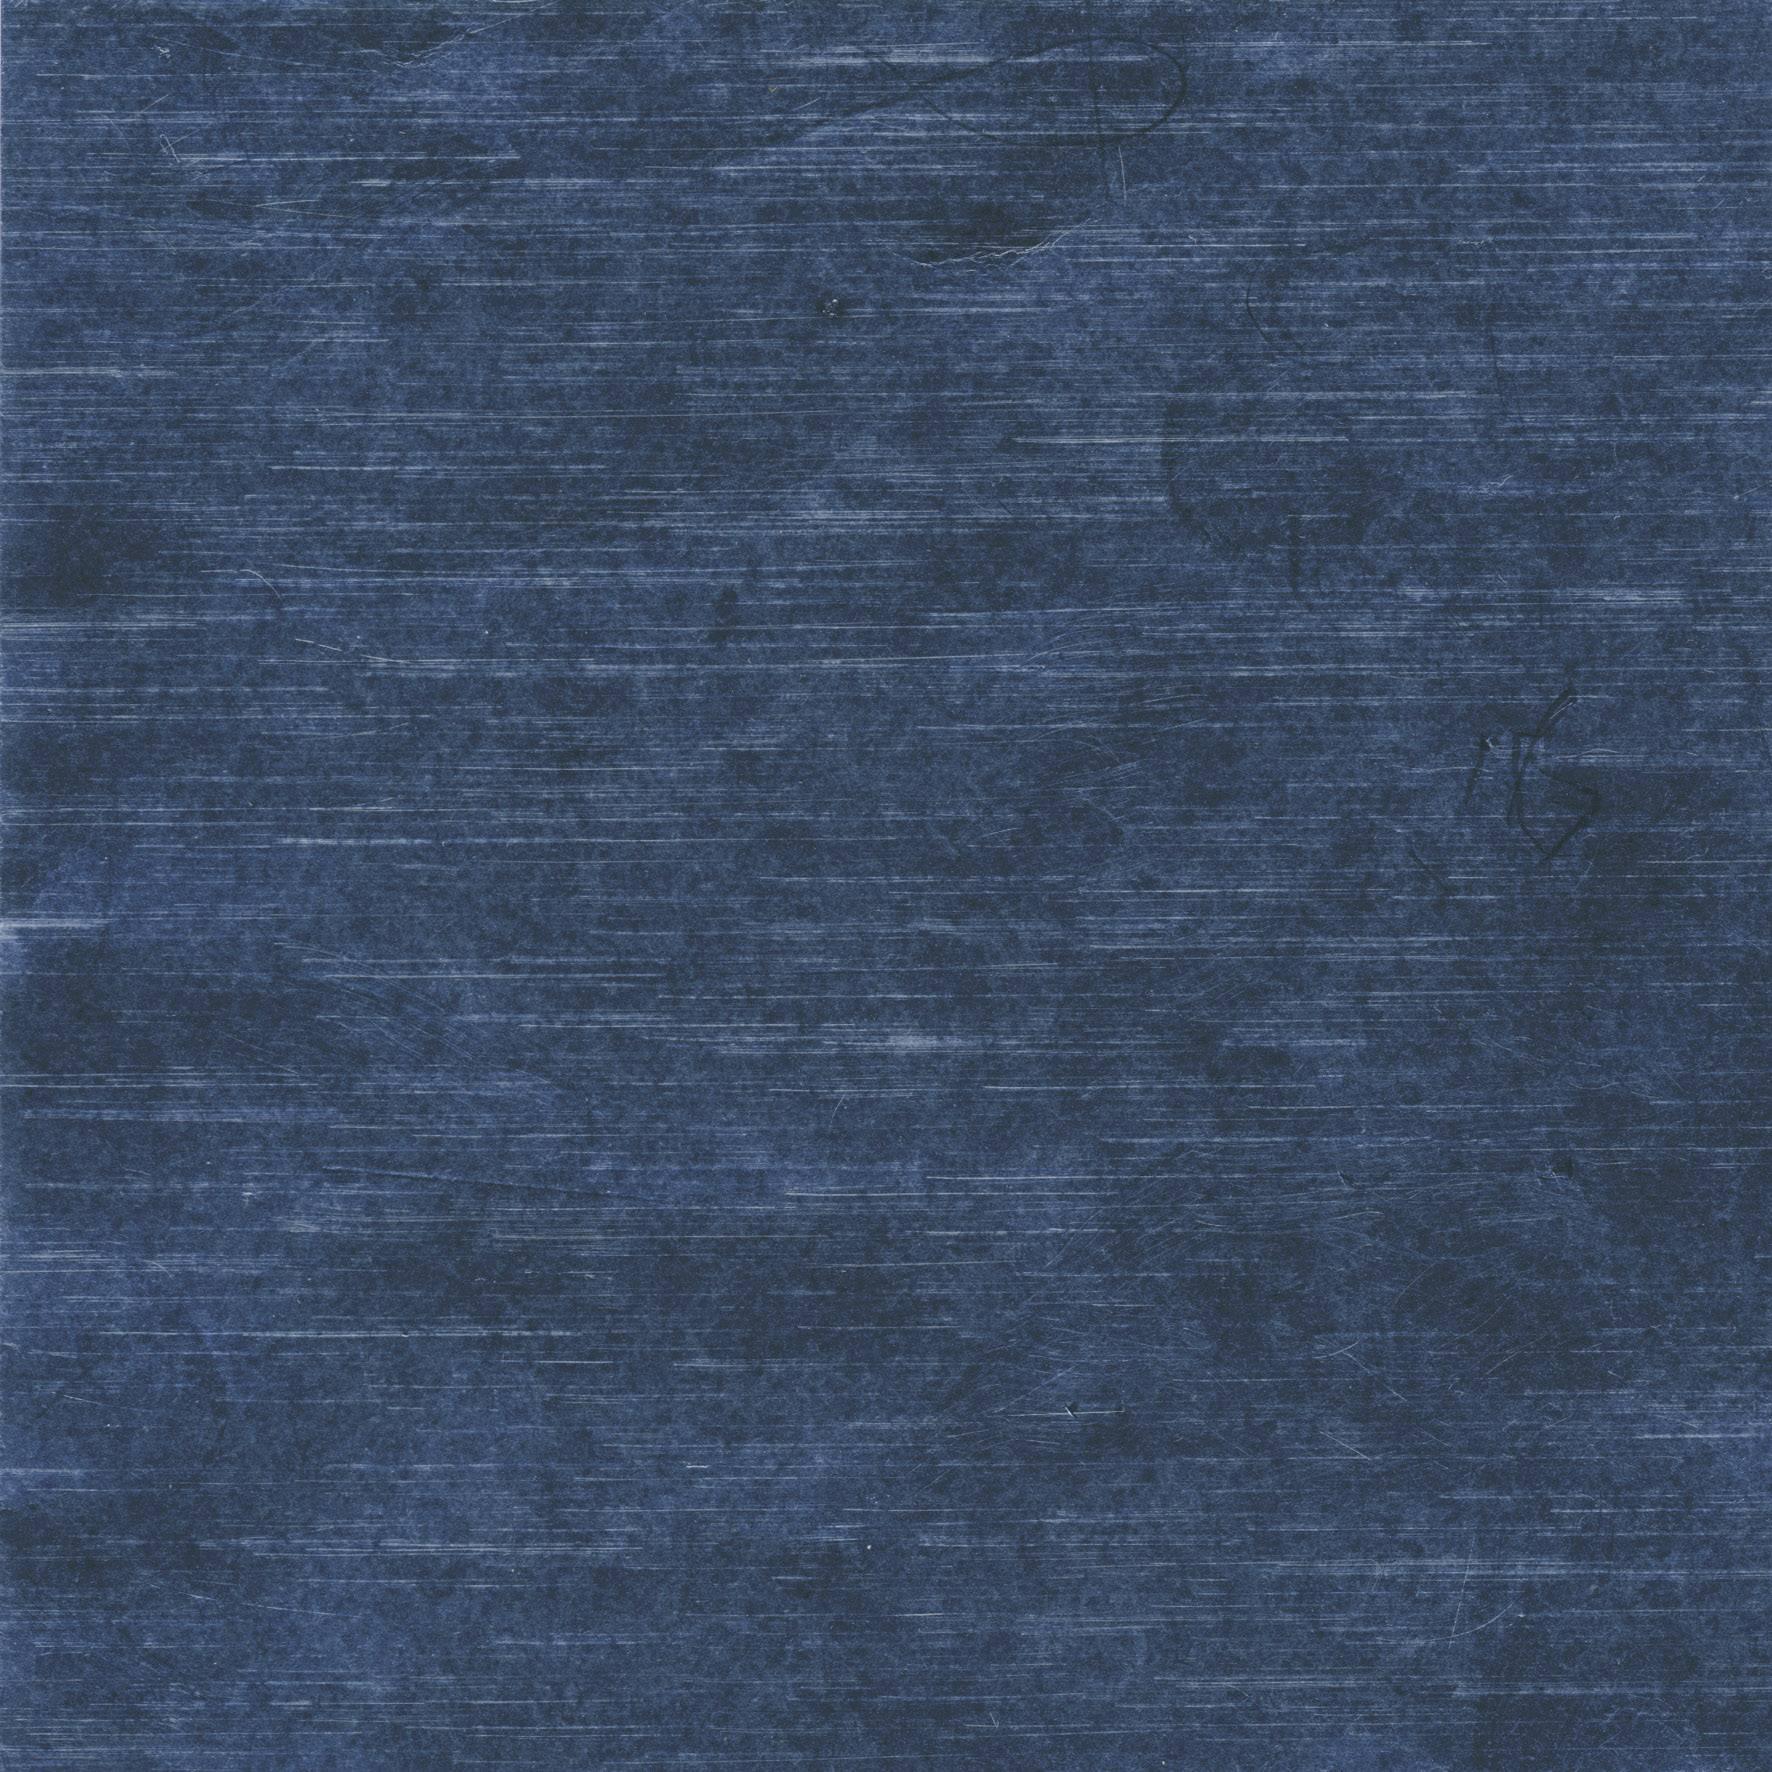 Teplovodivá fólie KerathermR 90/10 grafitová - 100 x 100 mm